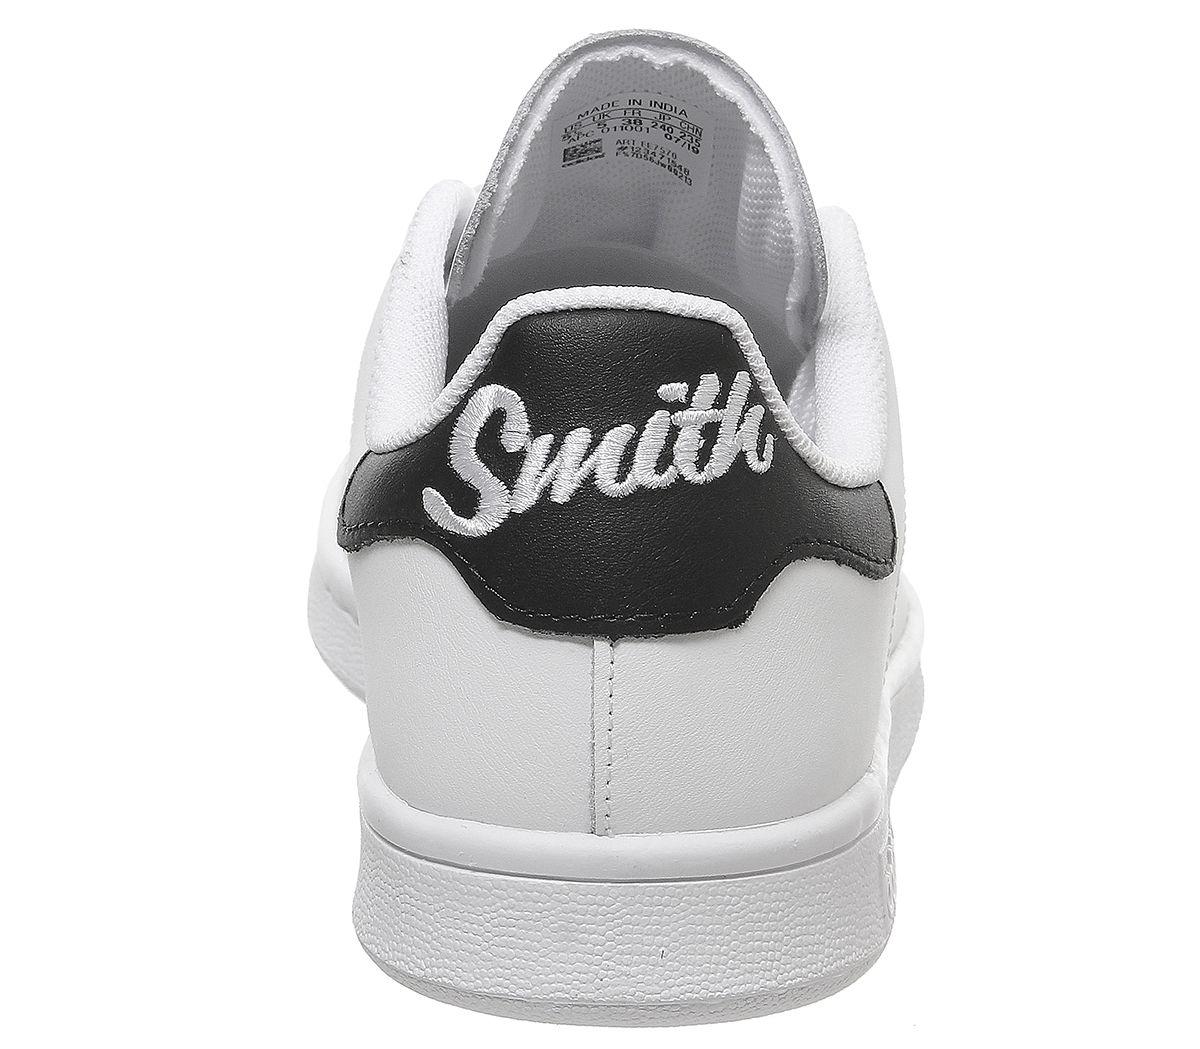 adidas Stan Smith GS White Black 01